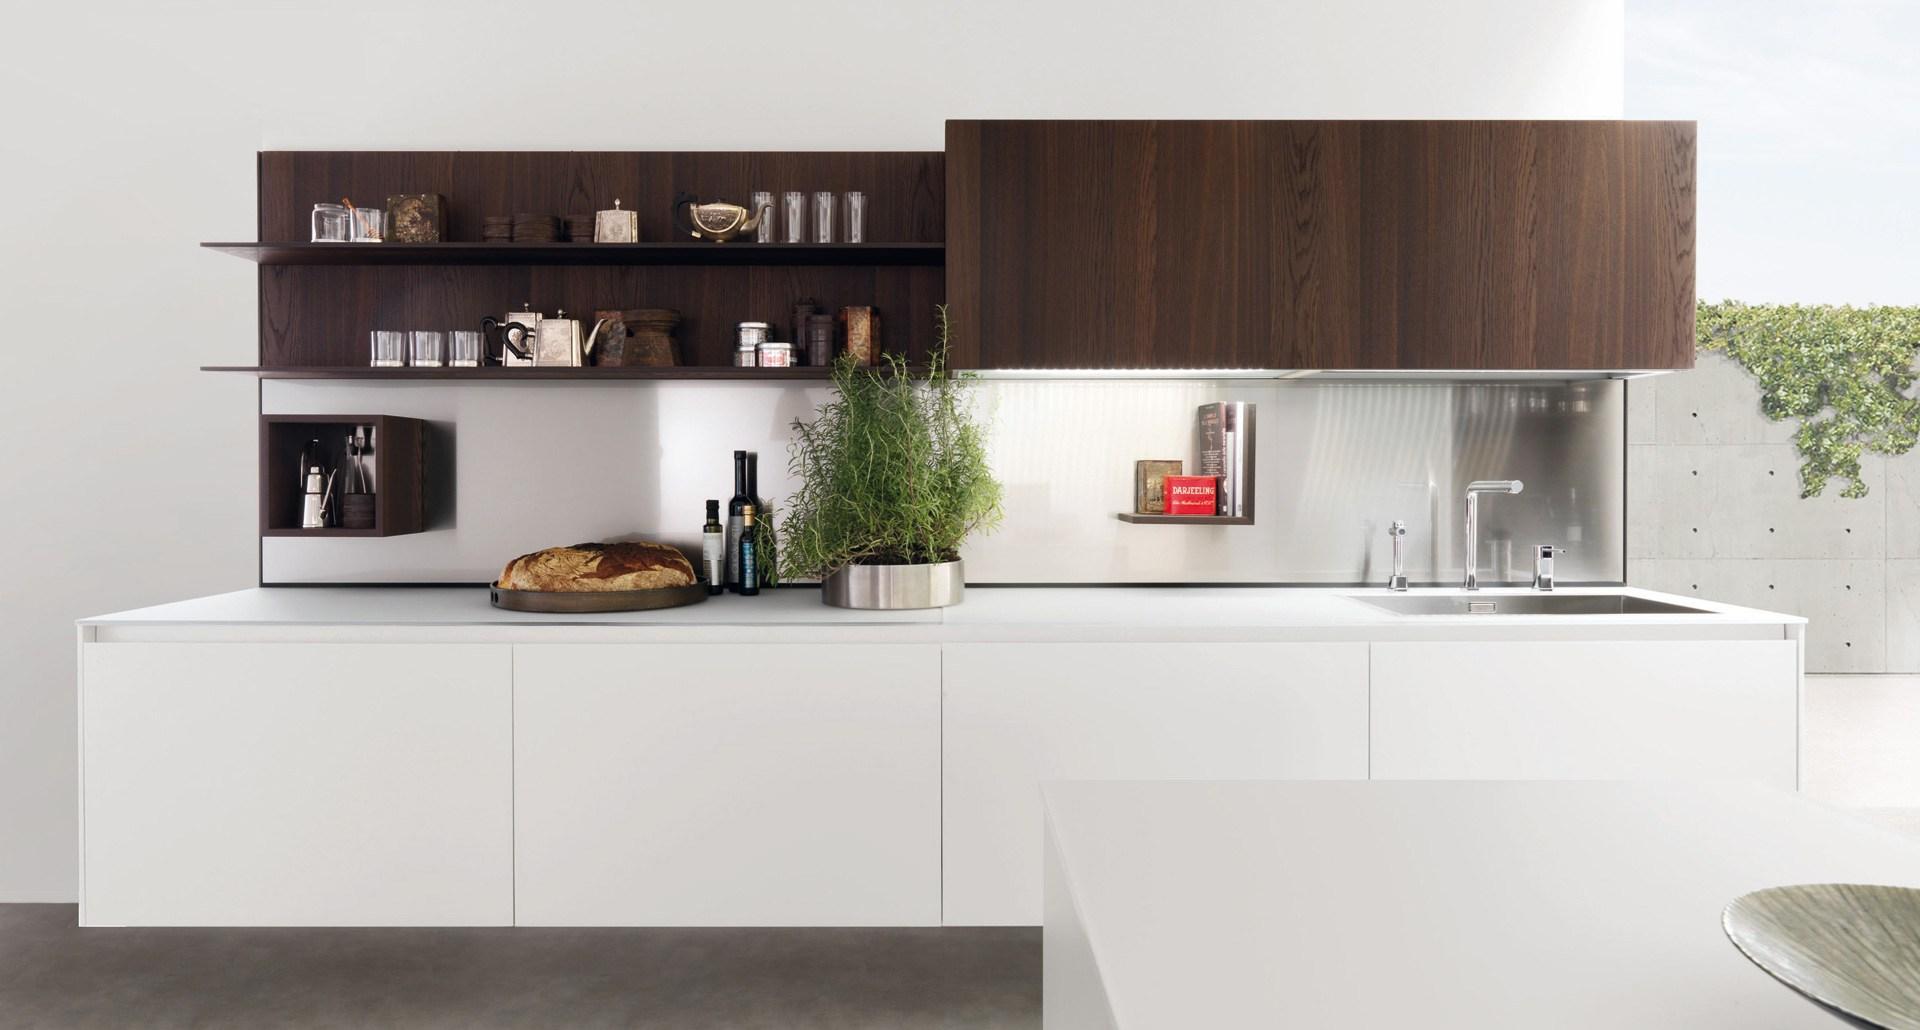 صور ارفف مطابخ اشكال وتصاميم رفوف المطبخ (24)